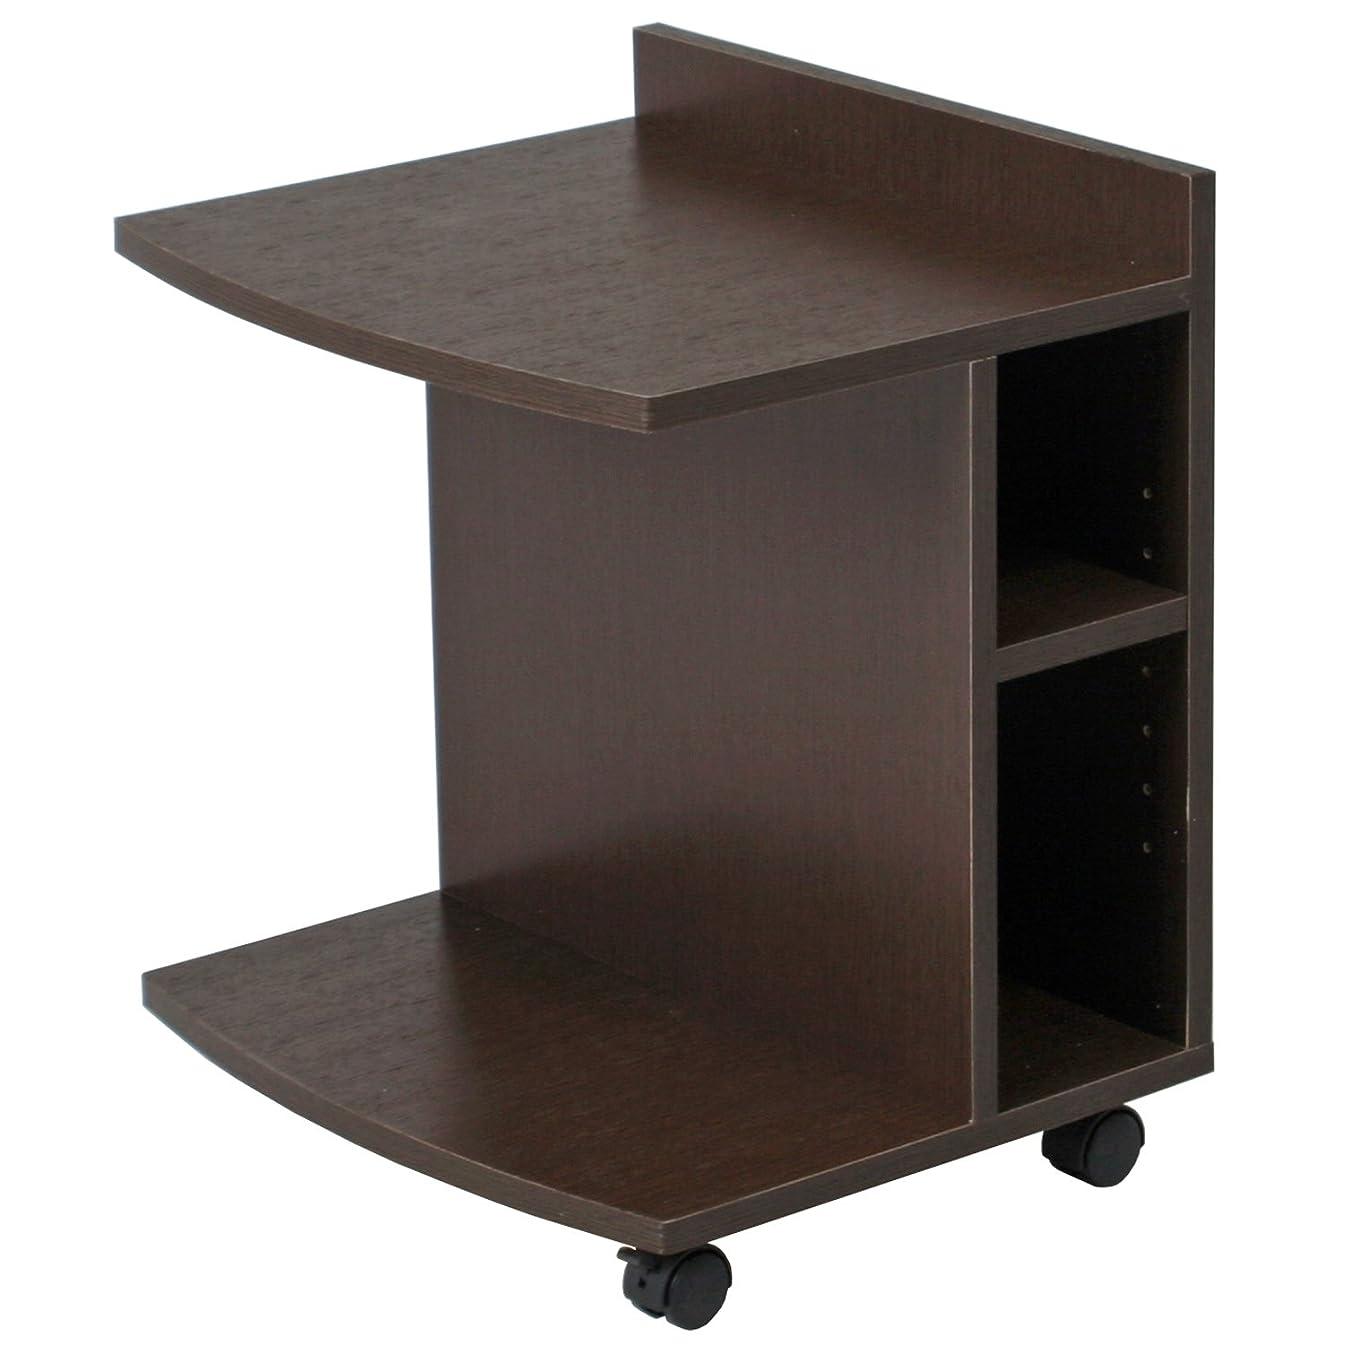 軽減するトランザクション繁栄不二貿易 サイドテーブル ベッドサイド 幅45㎝ ロータイプ 収納 棚付き 高さ調整 ブラウン 78196